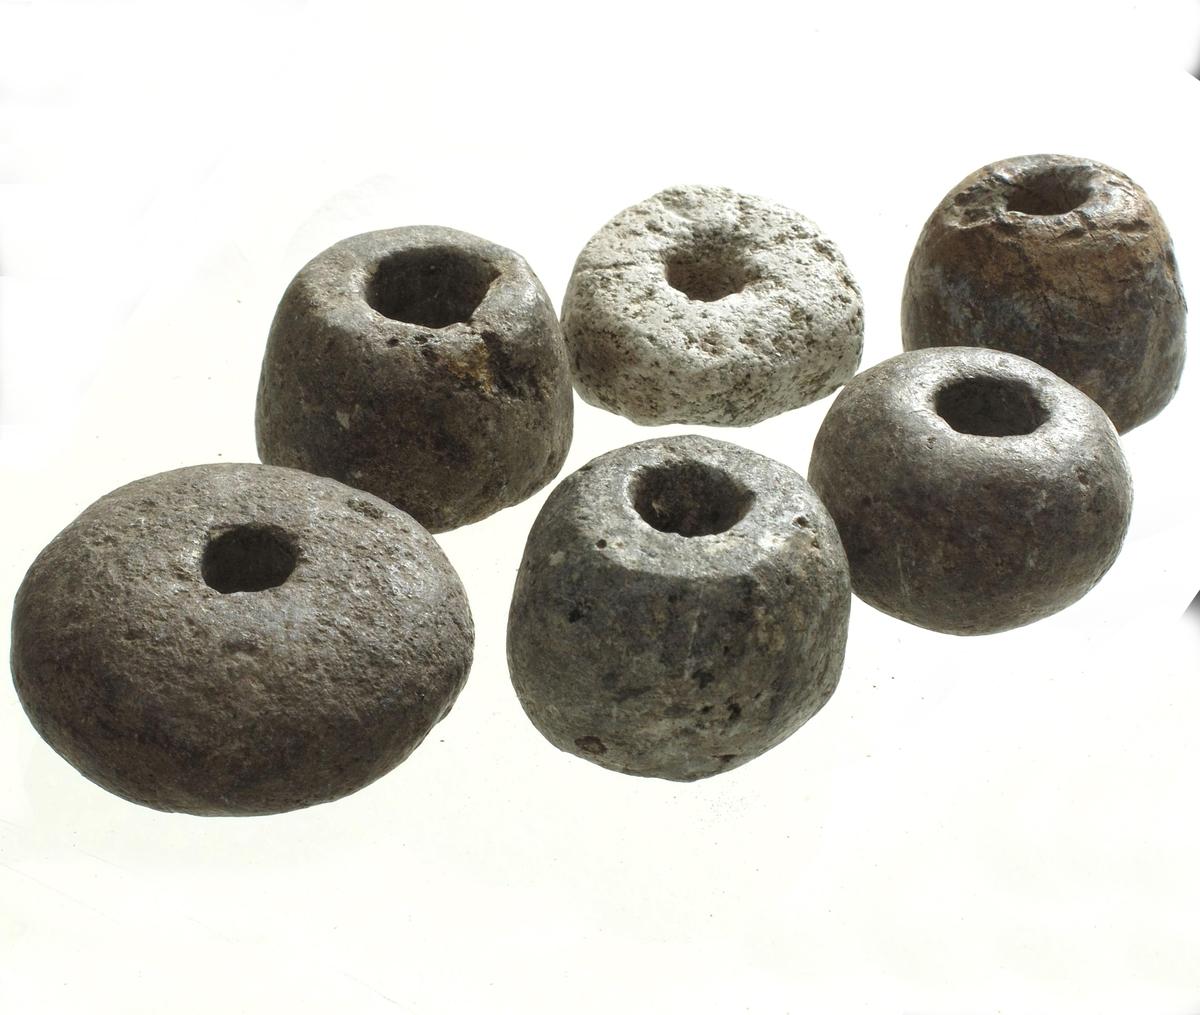 4 sylindriske spinnehjul av samme slags kleber. Diam.2,8-3,2 cm, høyde 2-2,2 cm.